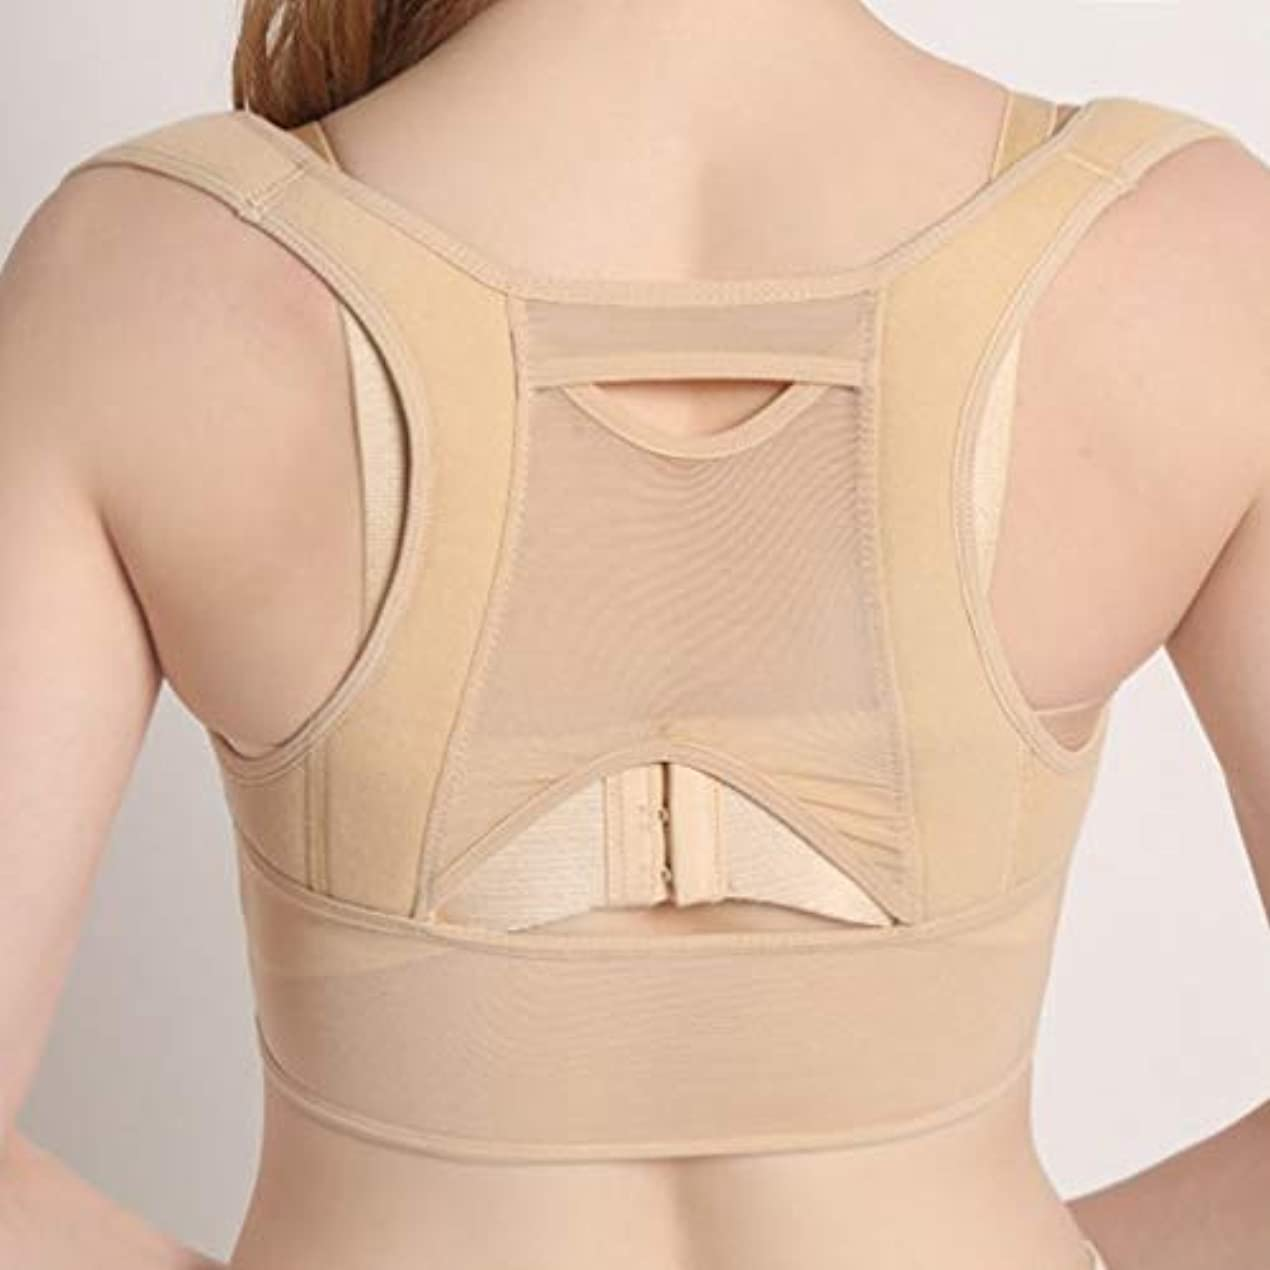 周囲どう?止まる背部姿勢補正コルセット上背部肩背骨姿勢補正器背部姿勢、補正コルセット、整形外科、上背部、肩背骨、姿勢補正器ベージュホワイトM